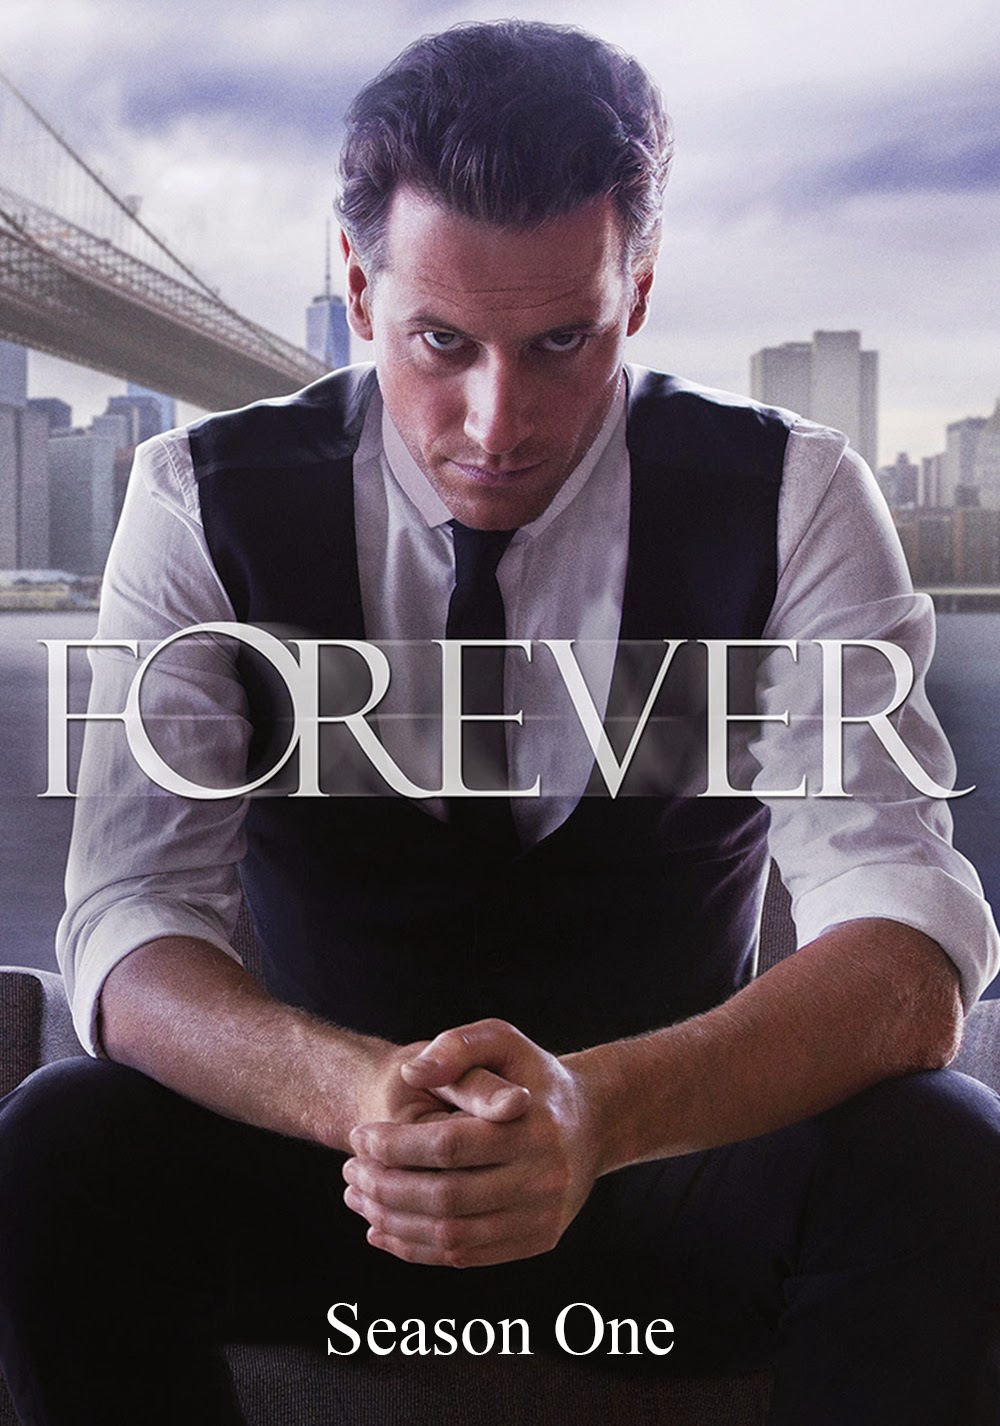 Forever season 1 Ep.1-11 ซับไทย